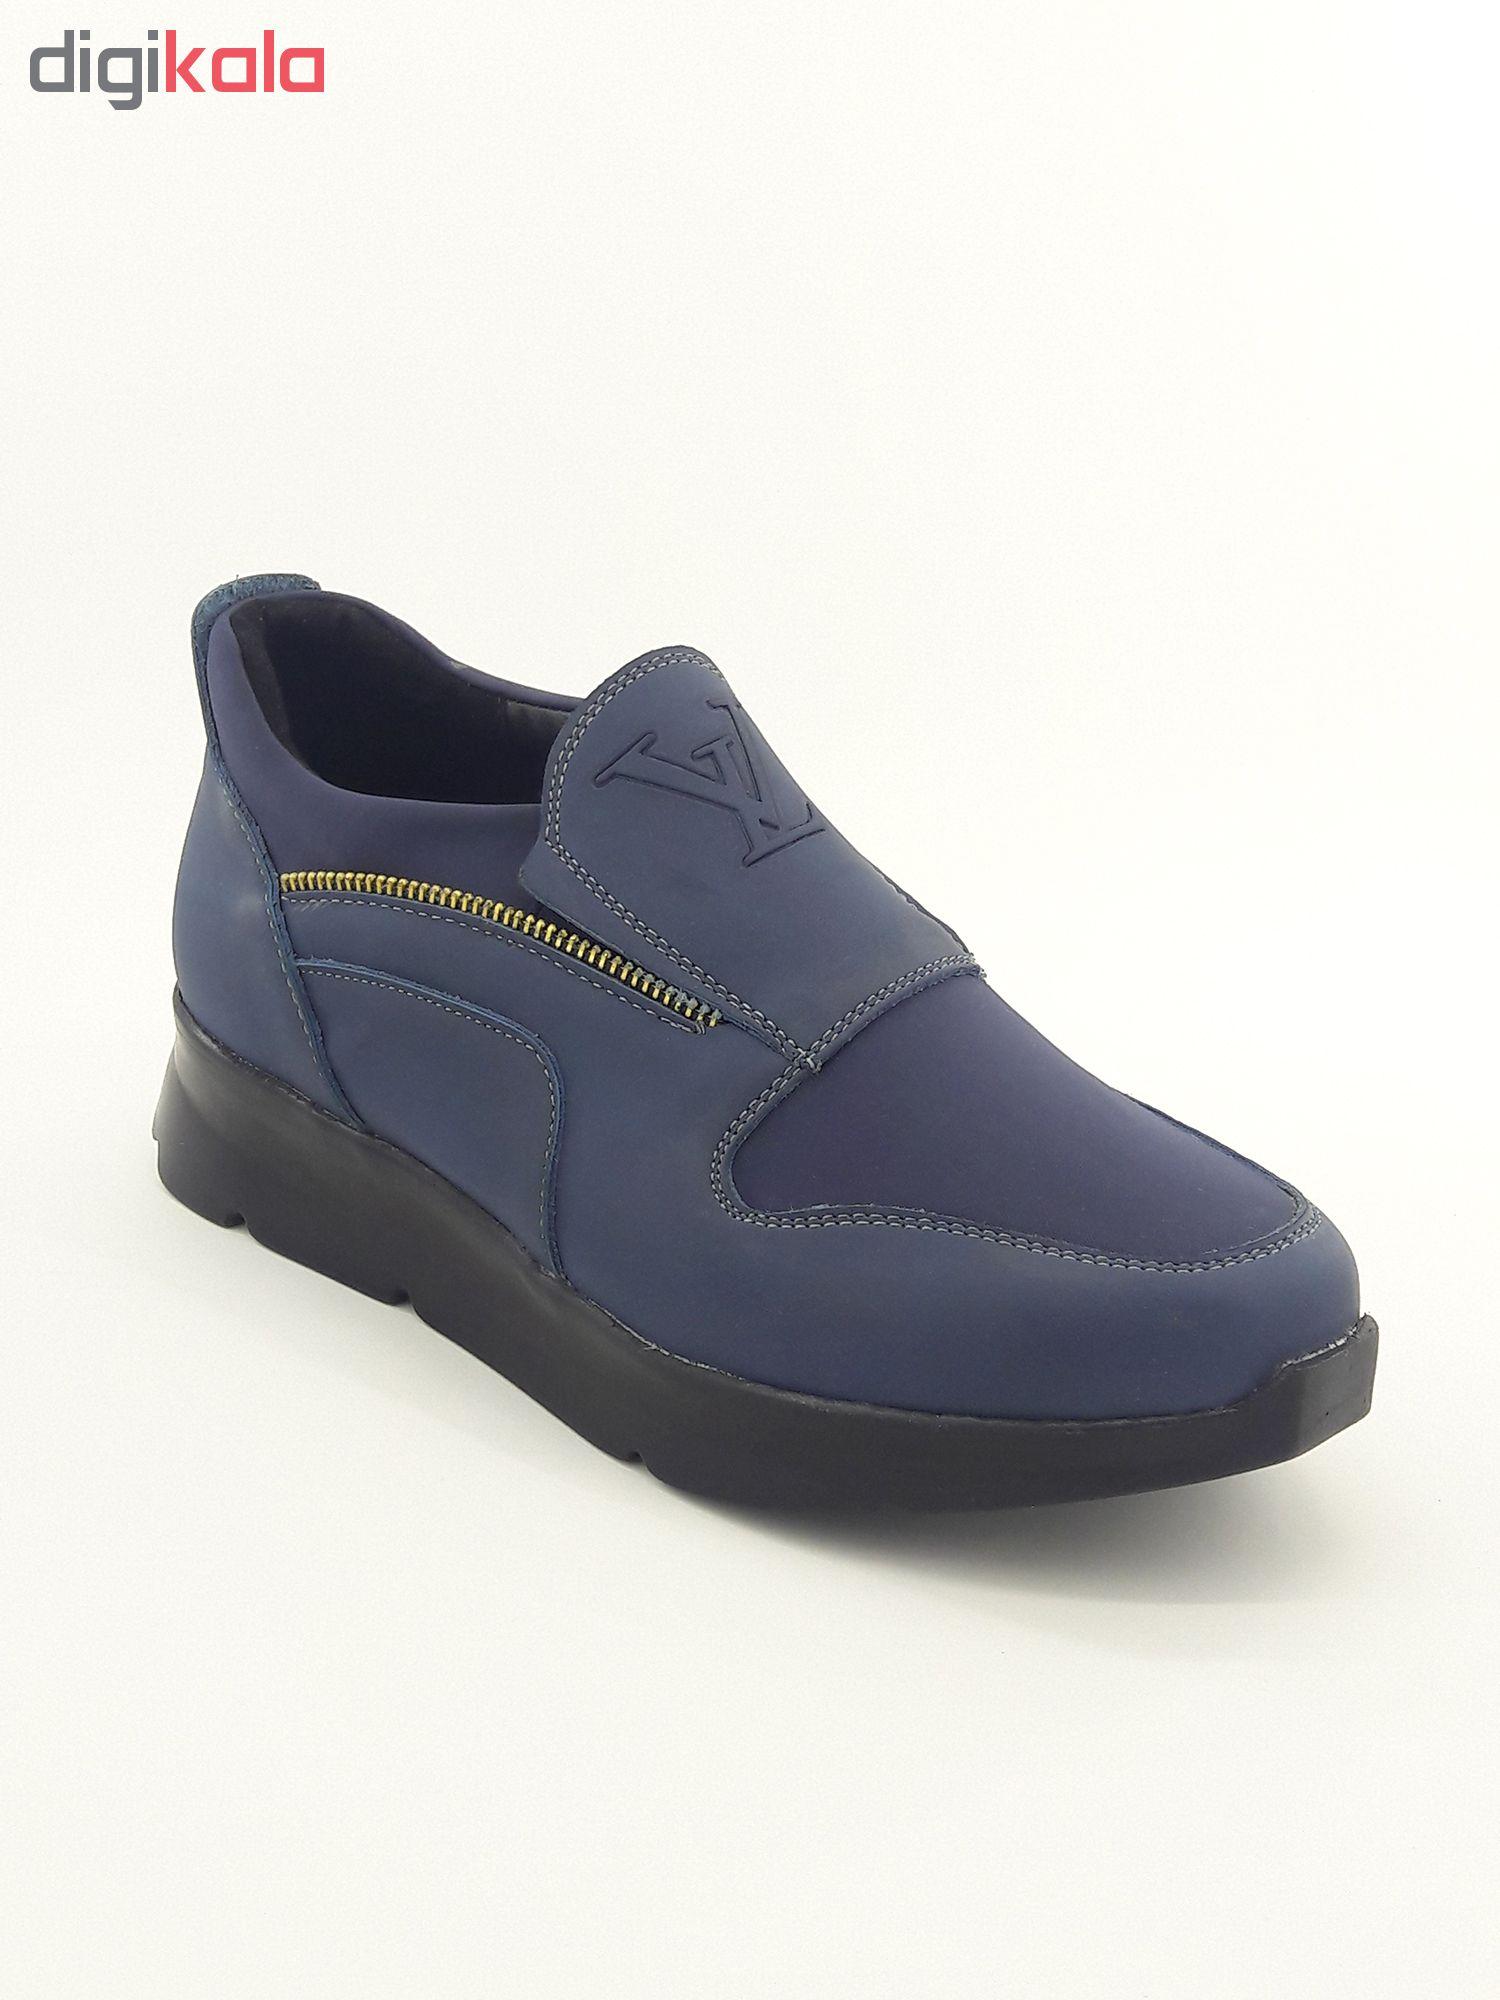 کفش راحتی مردانه مدل L nvy01